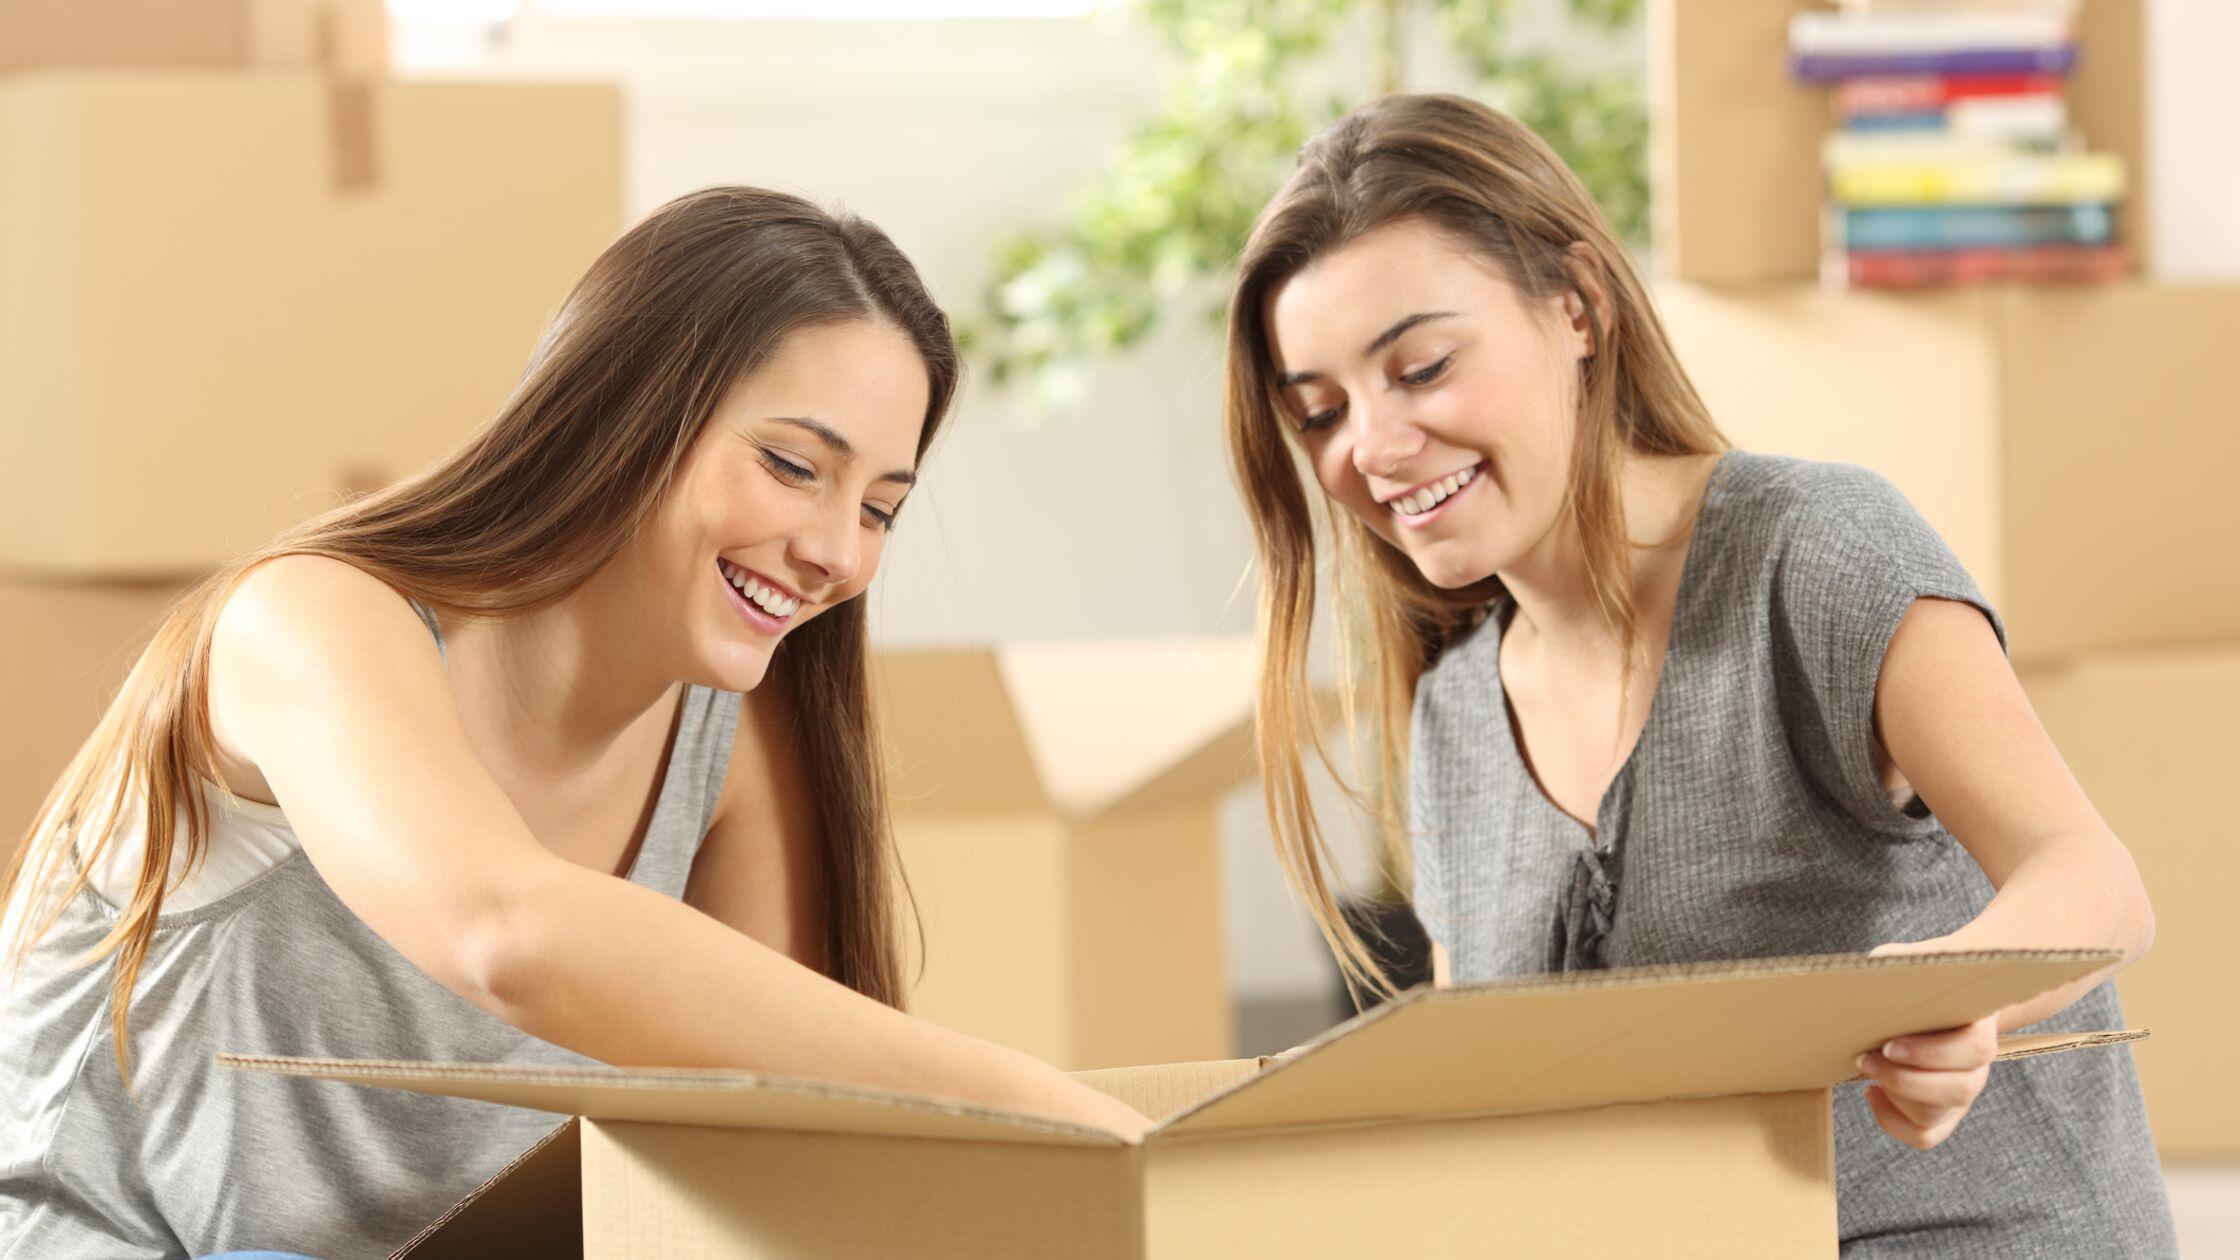 Zwei junge Frauen über geöffnetem Umzugskarton, im Hintergrund weitere Kartons.